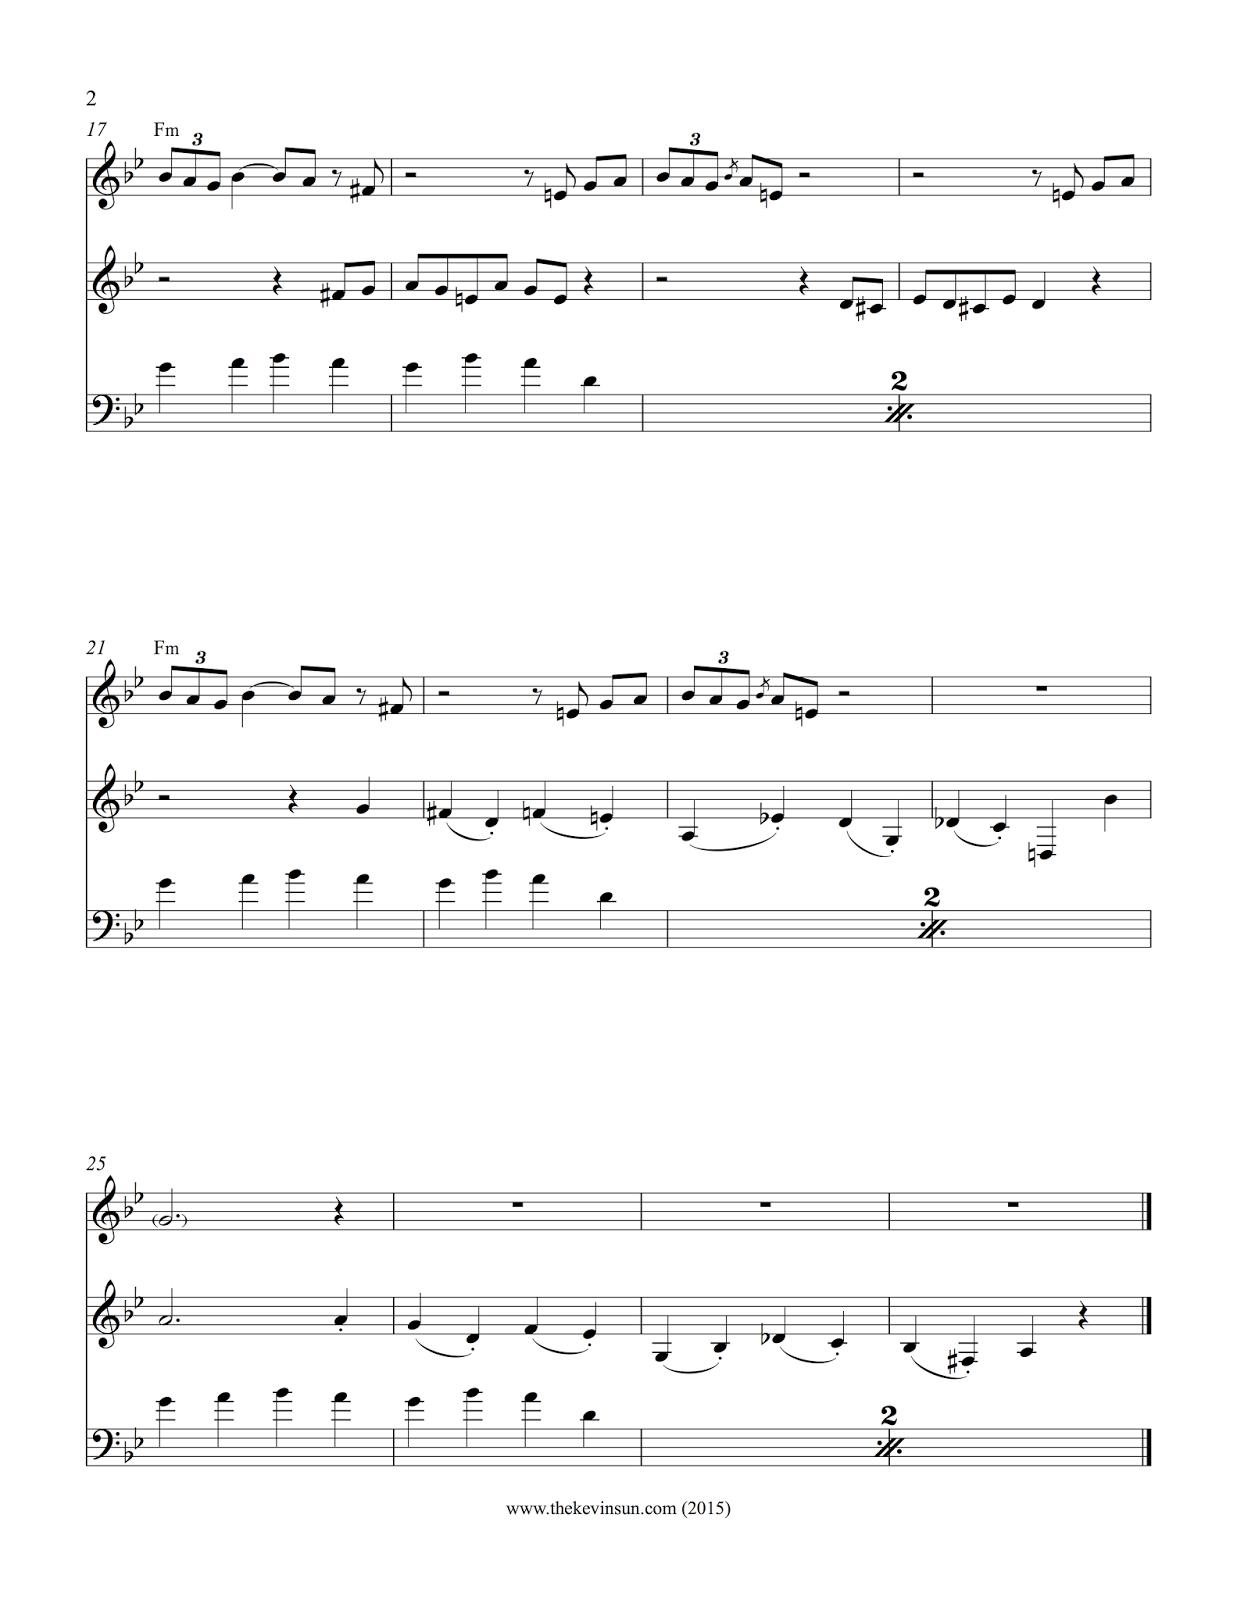 It Don't Mean a Thing — Dizzy Gillespie & Stan Getz arrangement 2